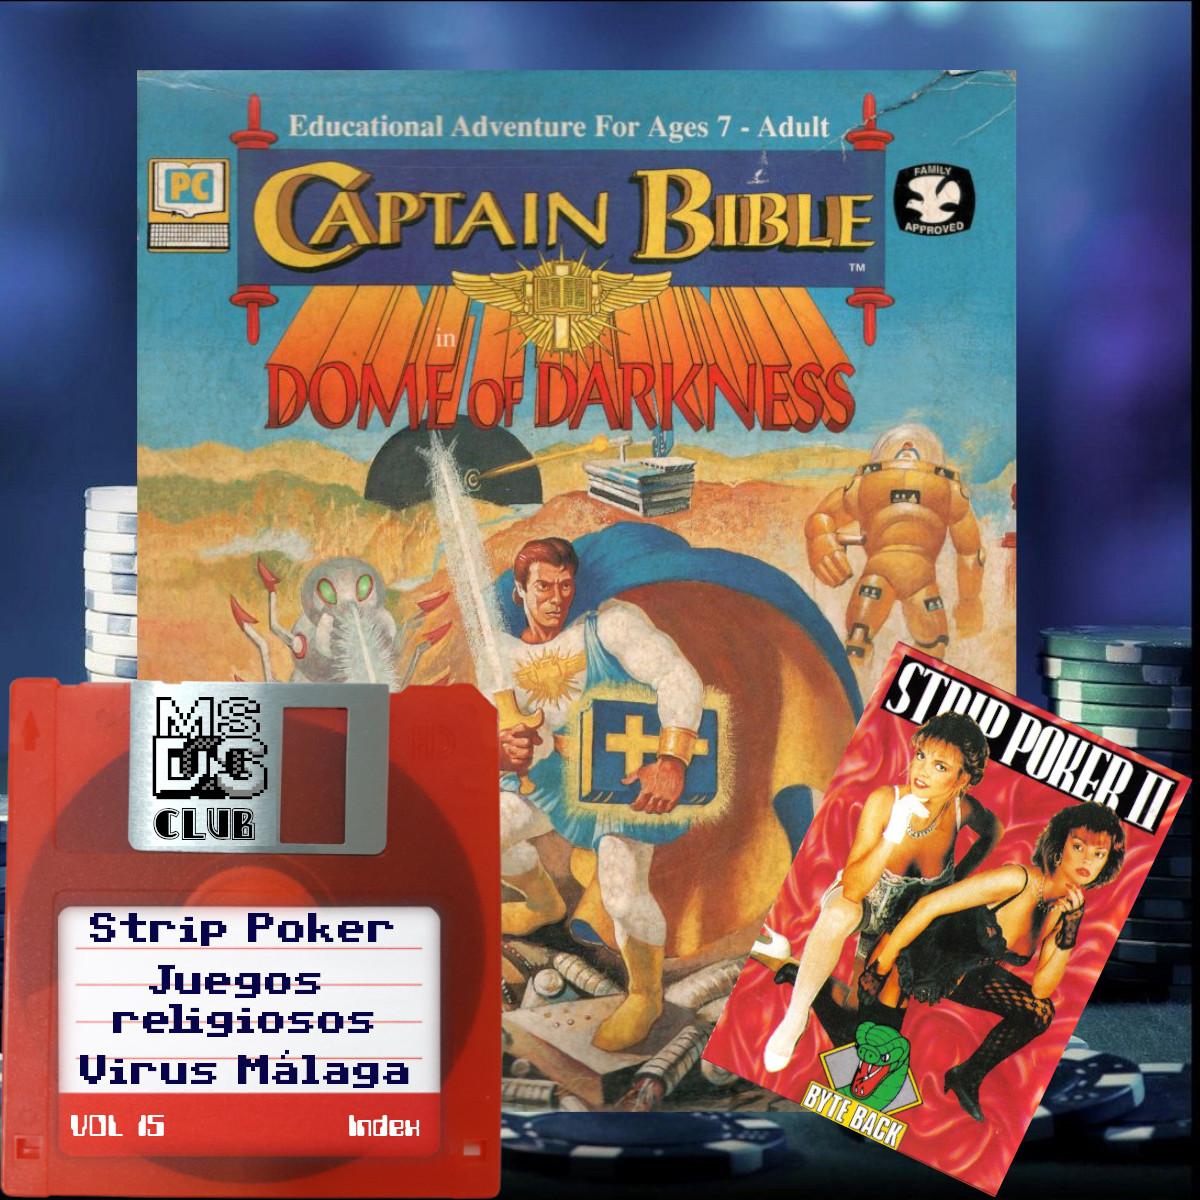 MS-DOS CLUB – Vol 15 – Strip Poker y juegos cristianos para DOS